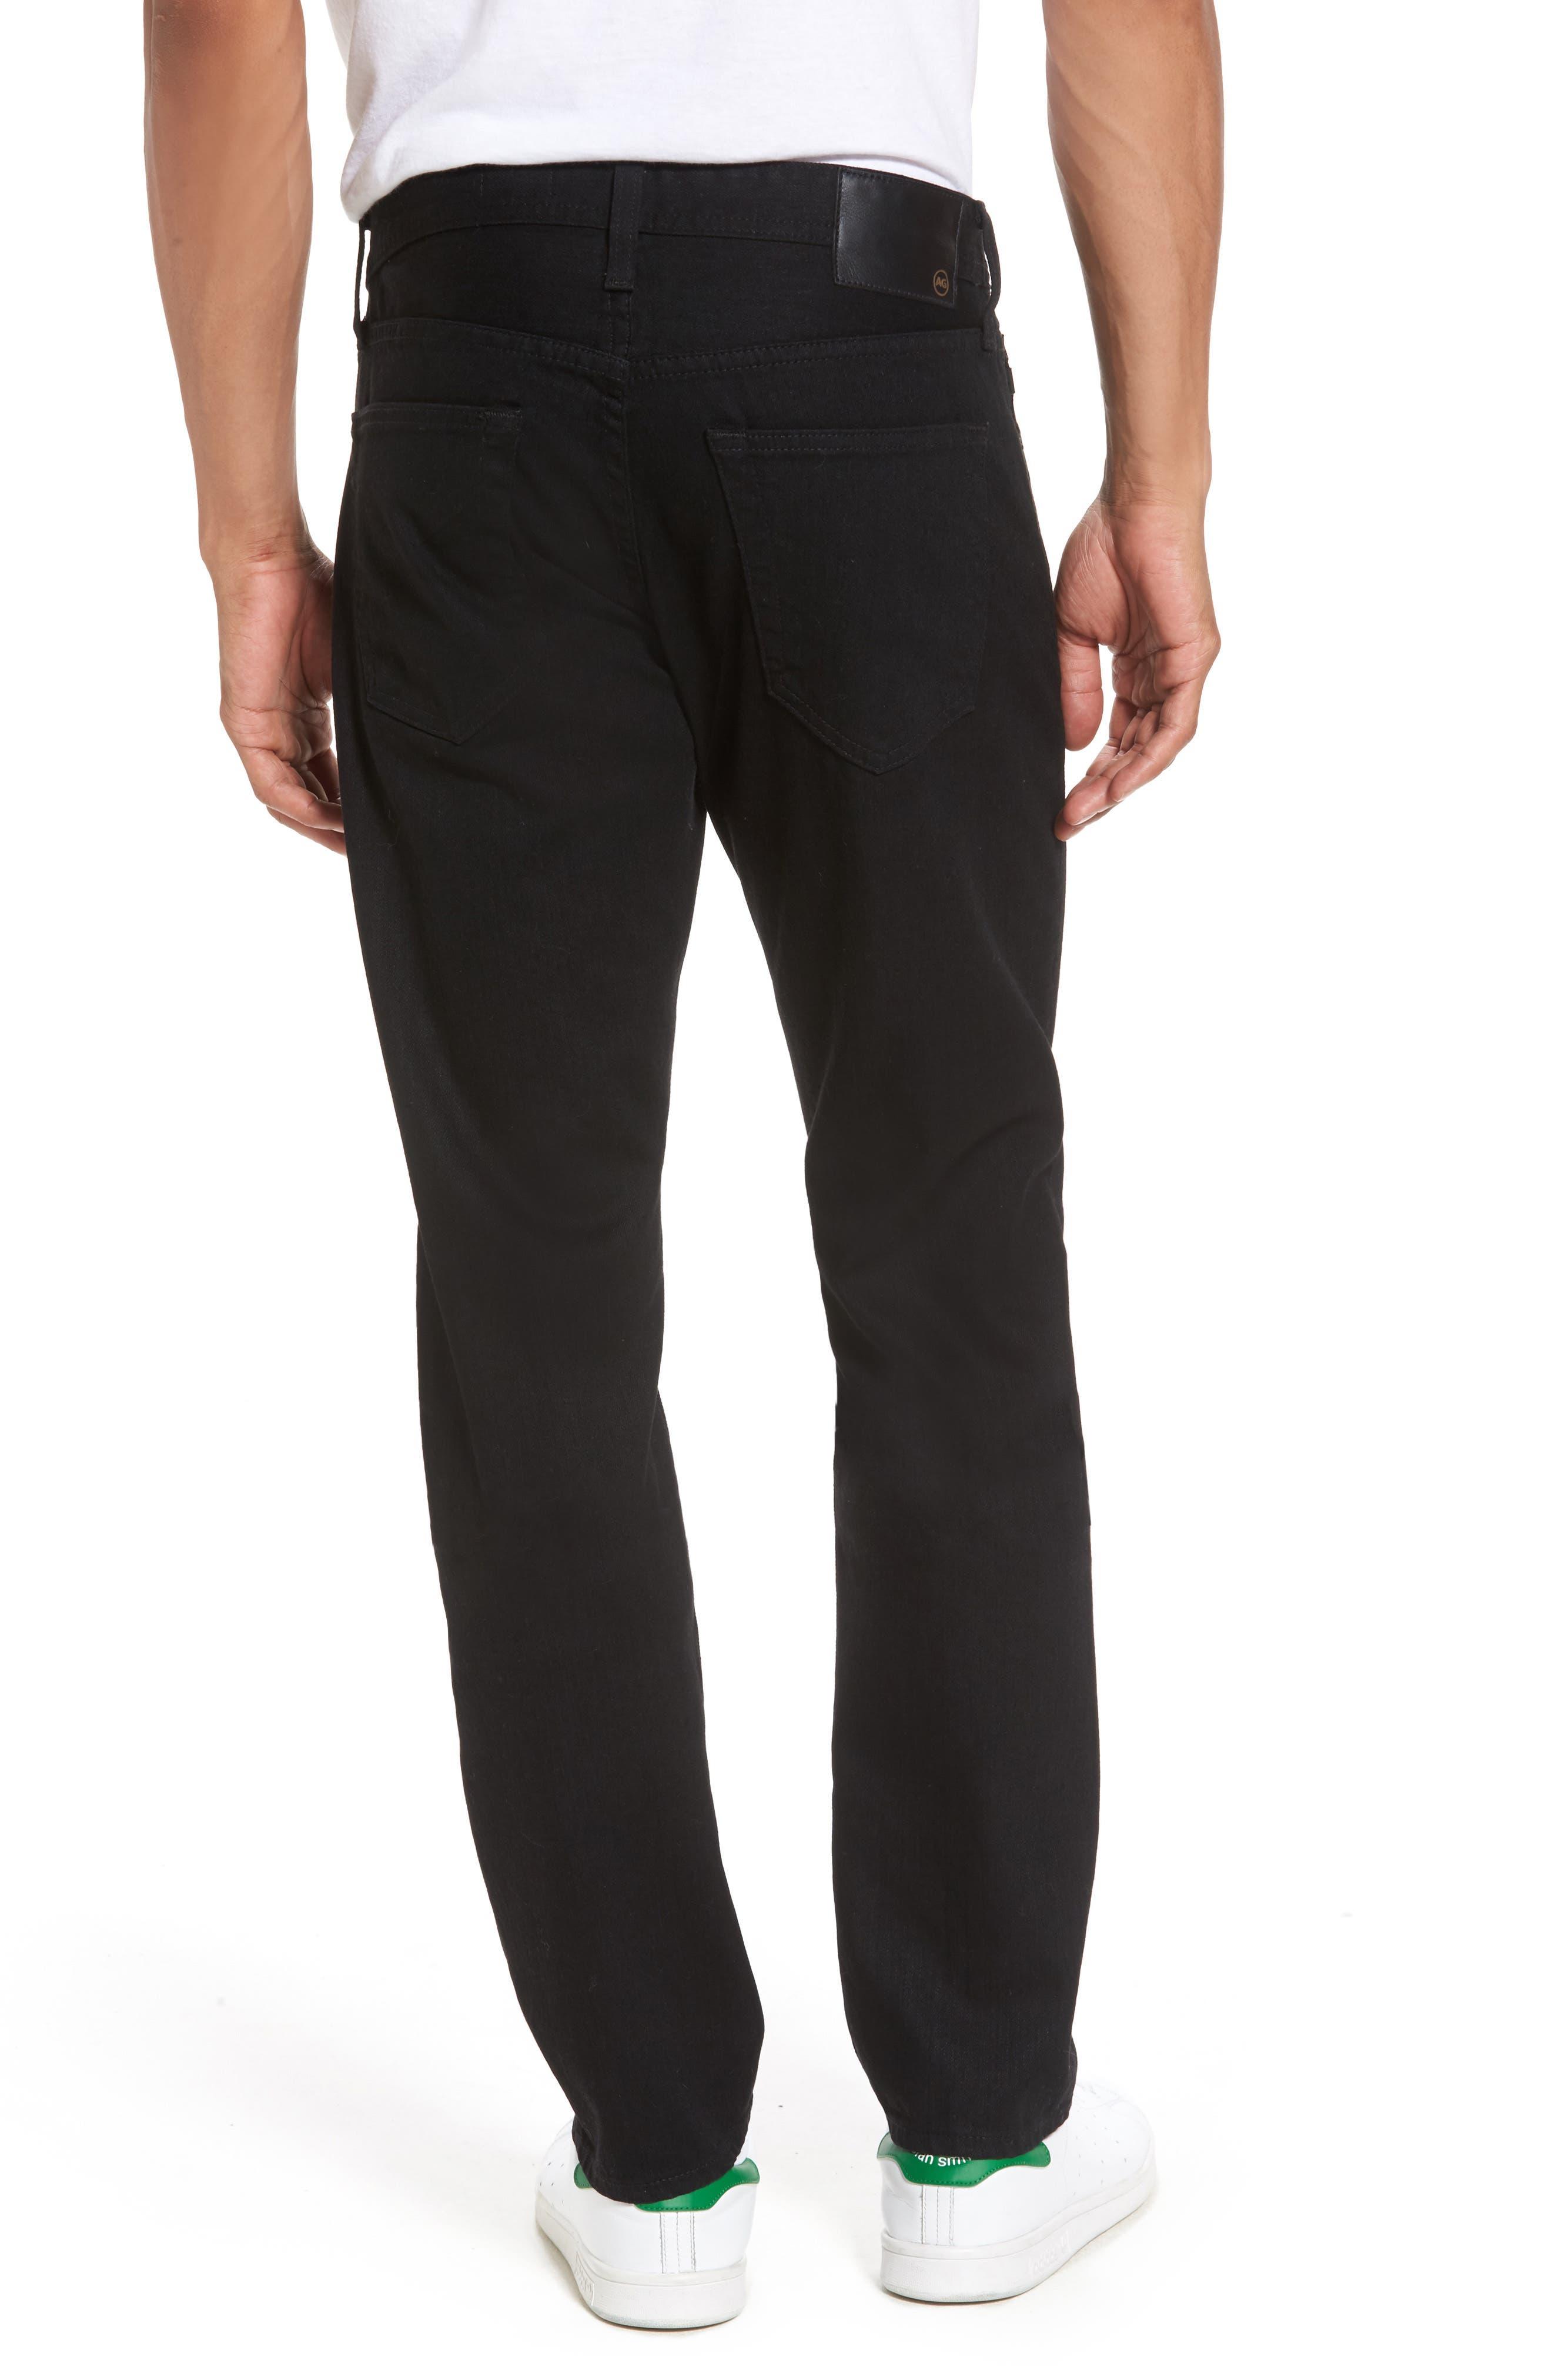 Tellis Slim Fit Jeans,                             Alternate thumbnail 2, color,                             Deep Pitch